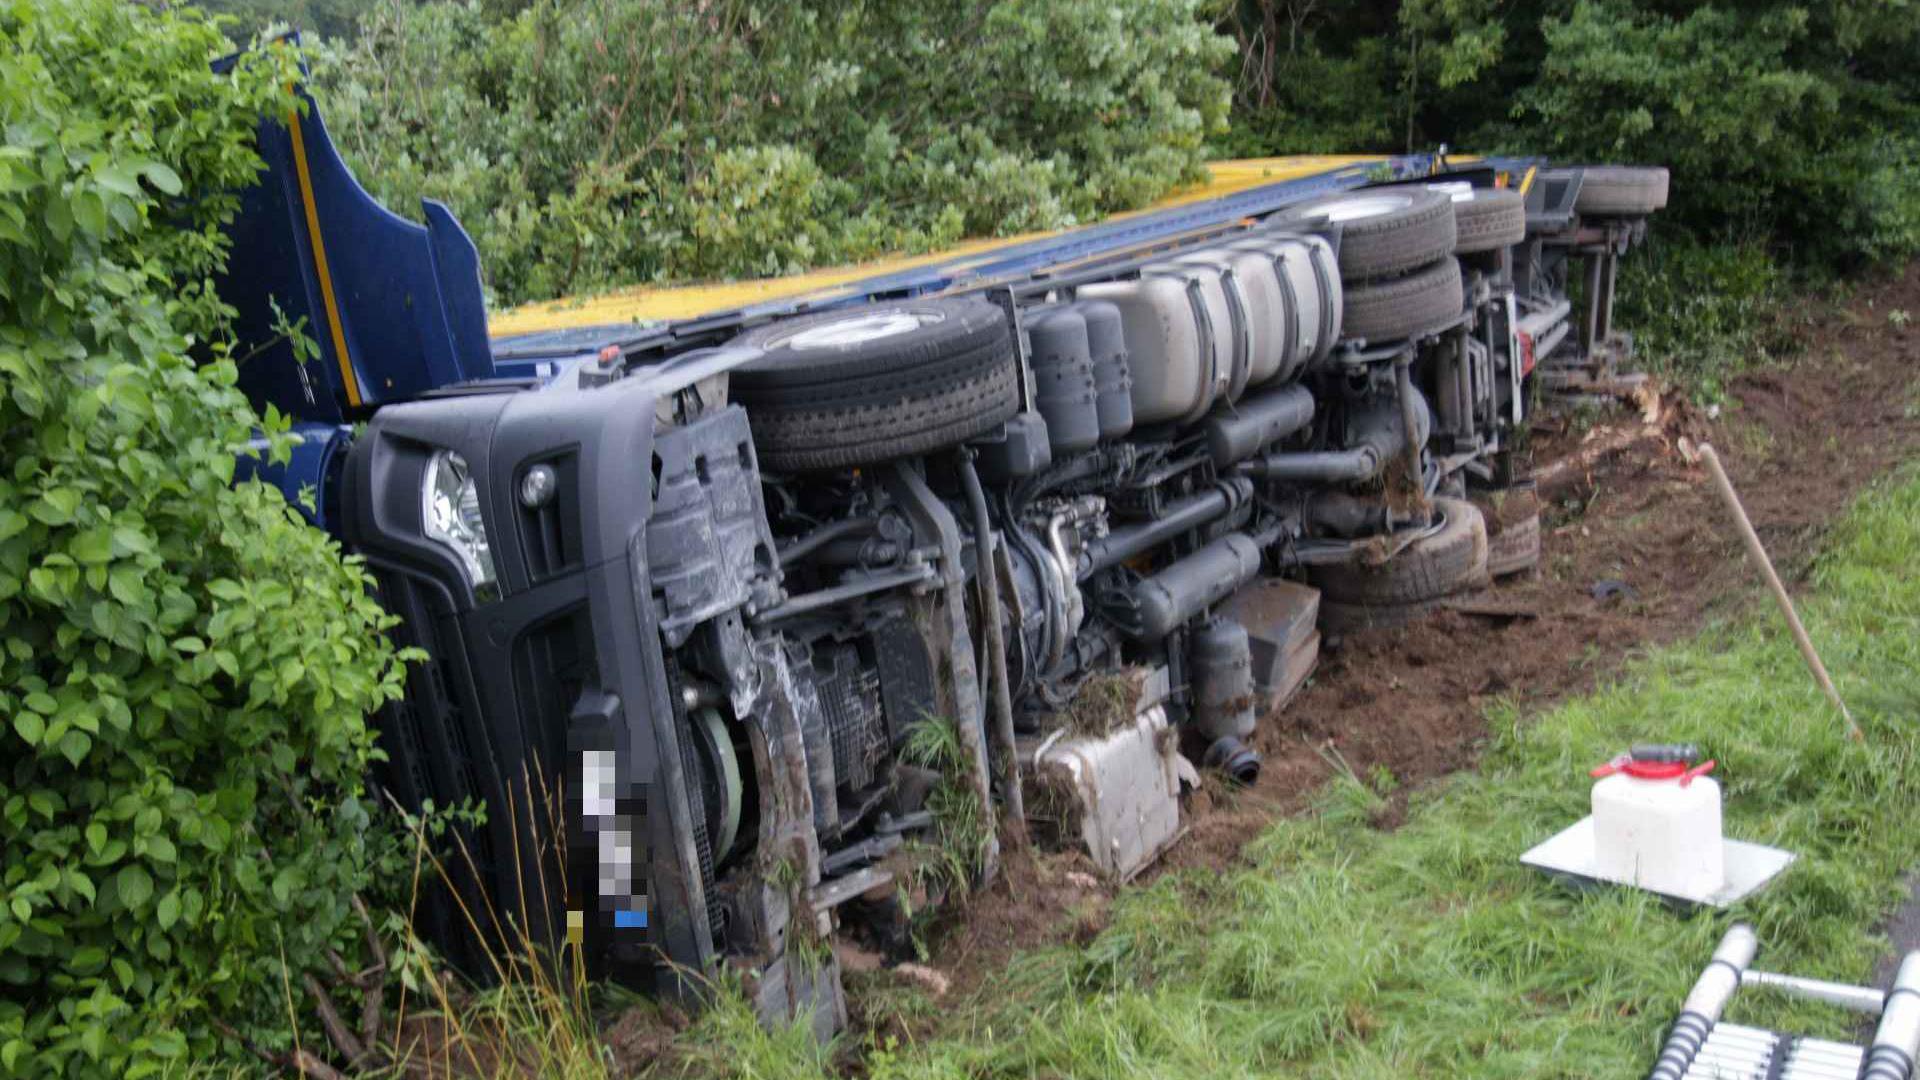 Der Lkw kippte zur Seite und landete im Straßengraben.